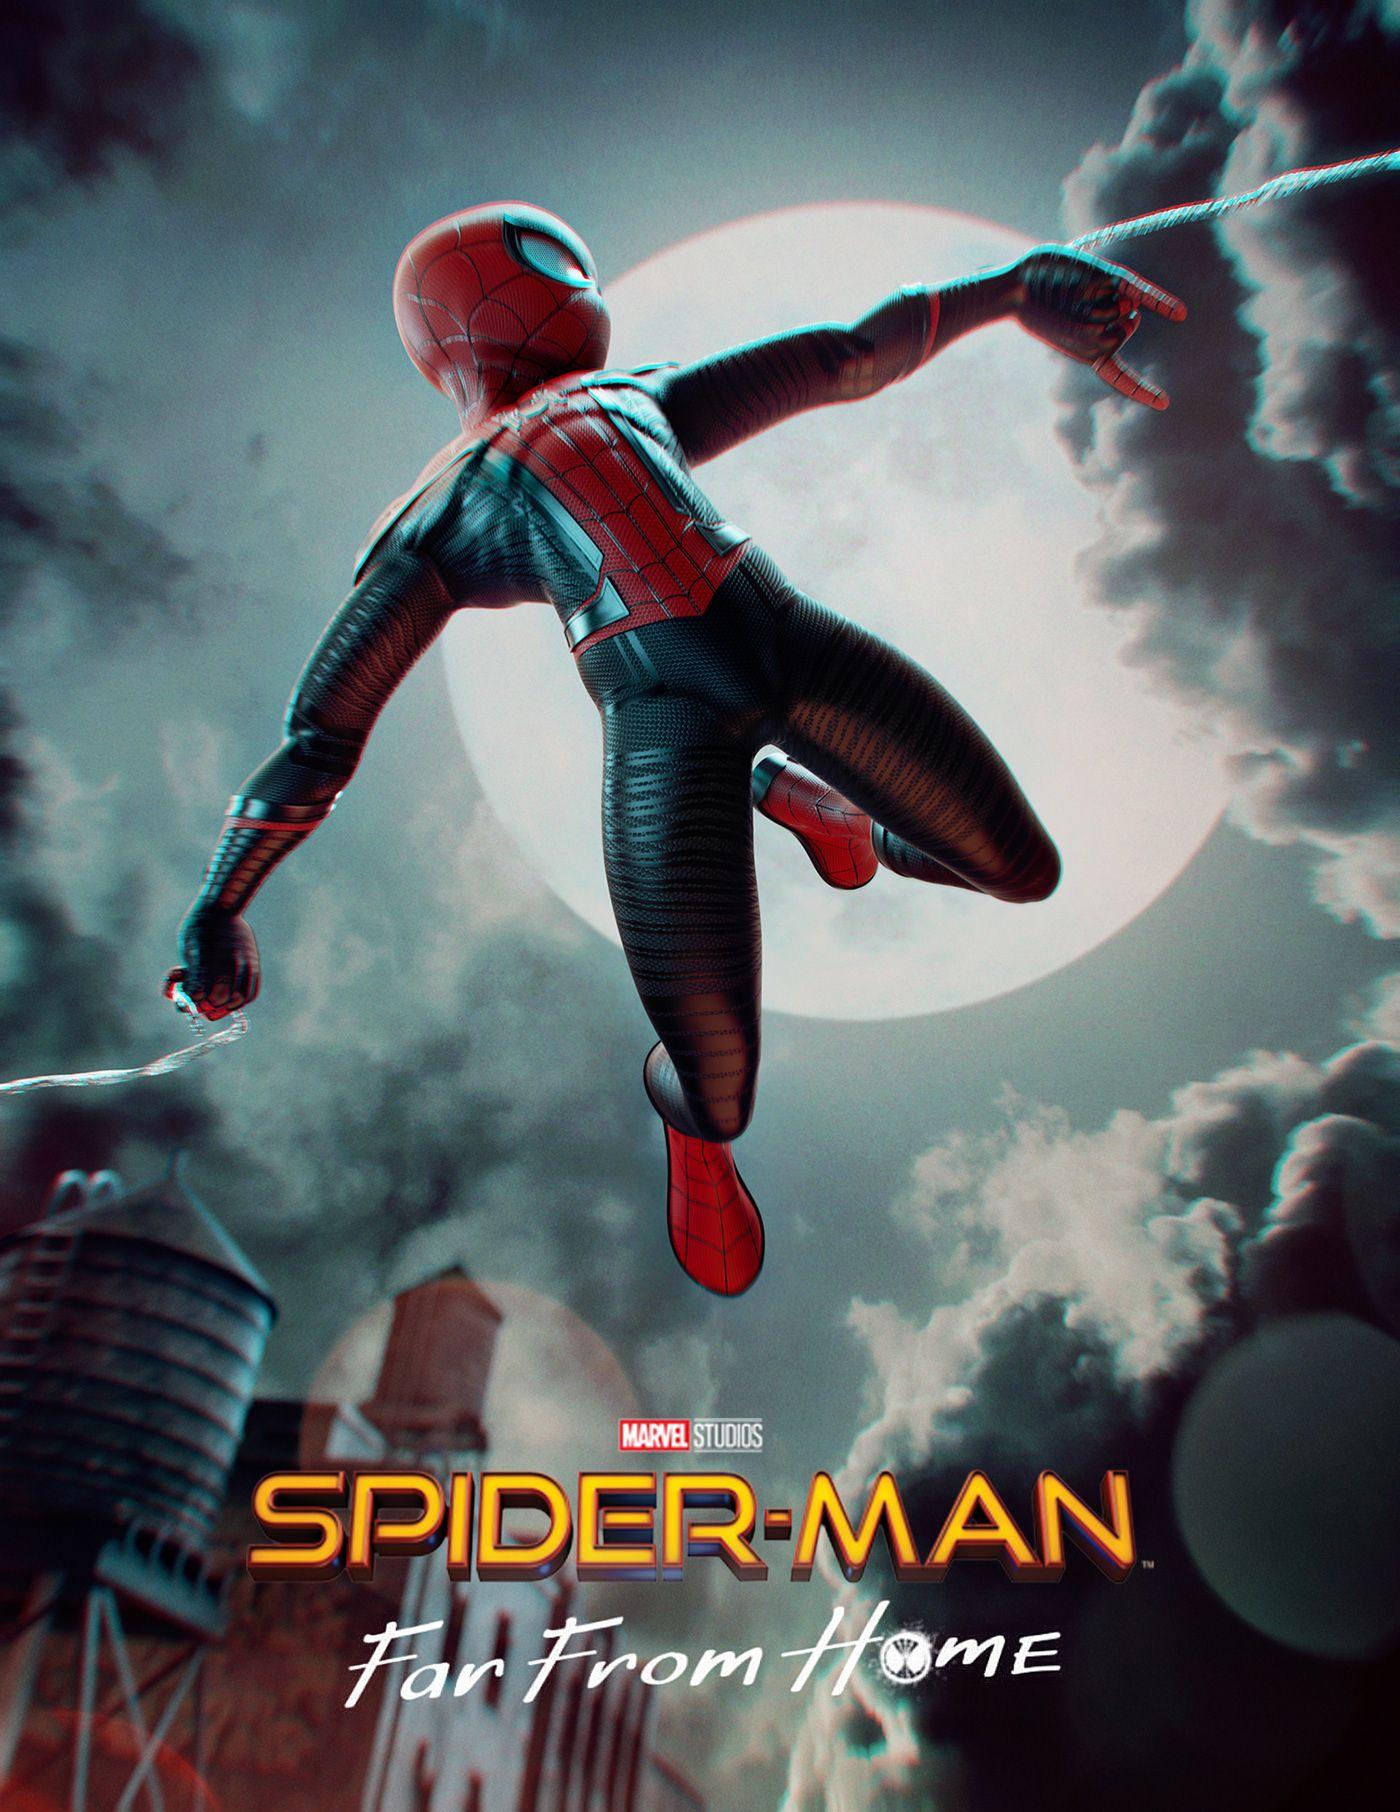 Ver Spider Man Lejos De Casa 2019 Pelicula Completa En Espanol Full Hd 1080p Spiderman Dibujos Animados Spider Man Personajes De Marvel